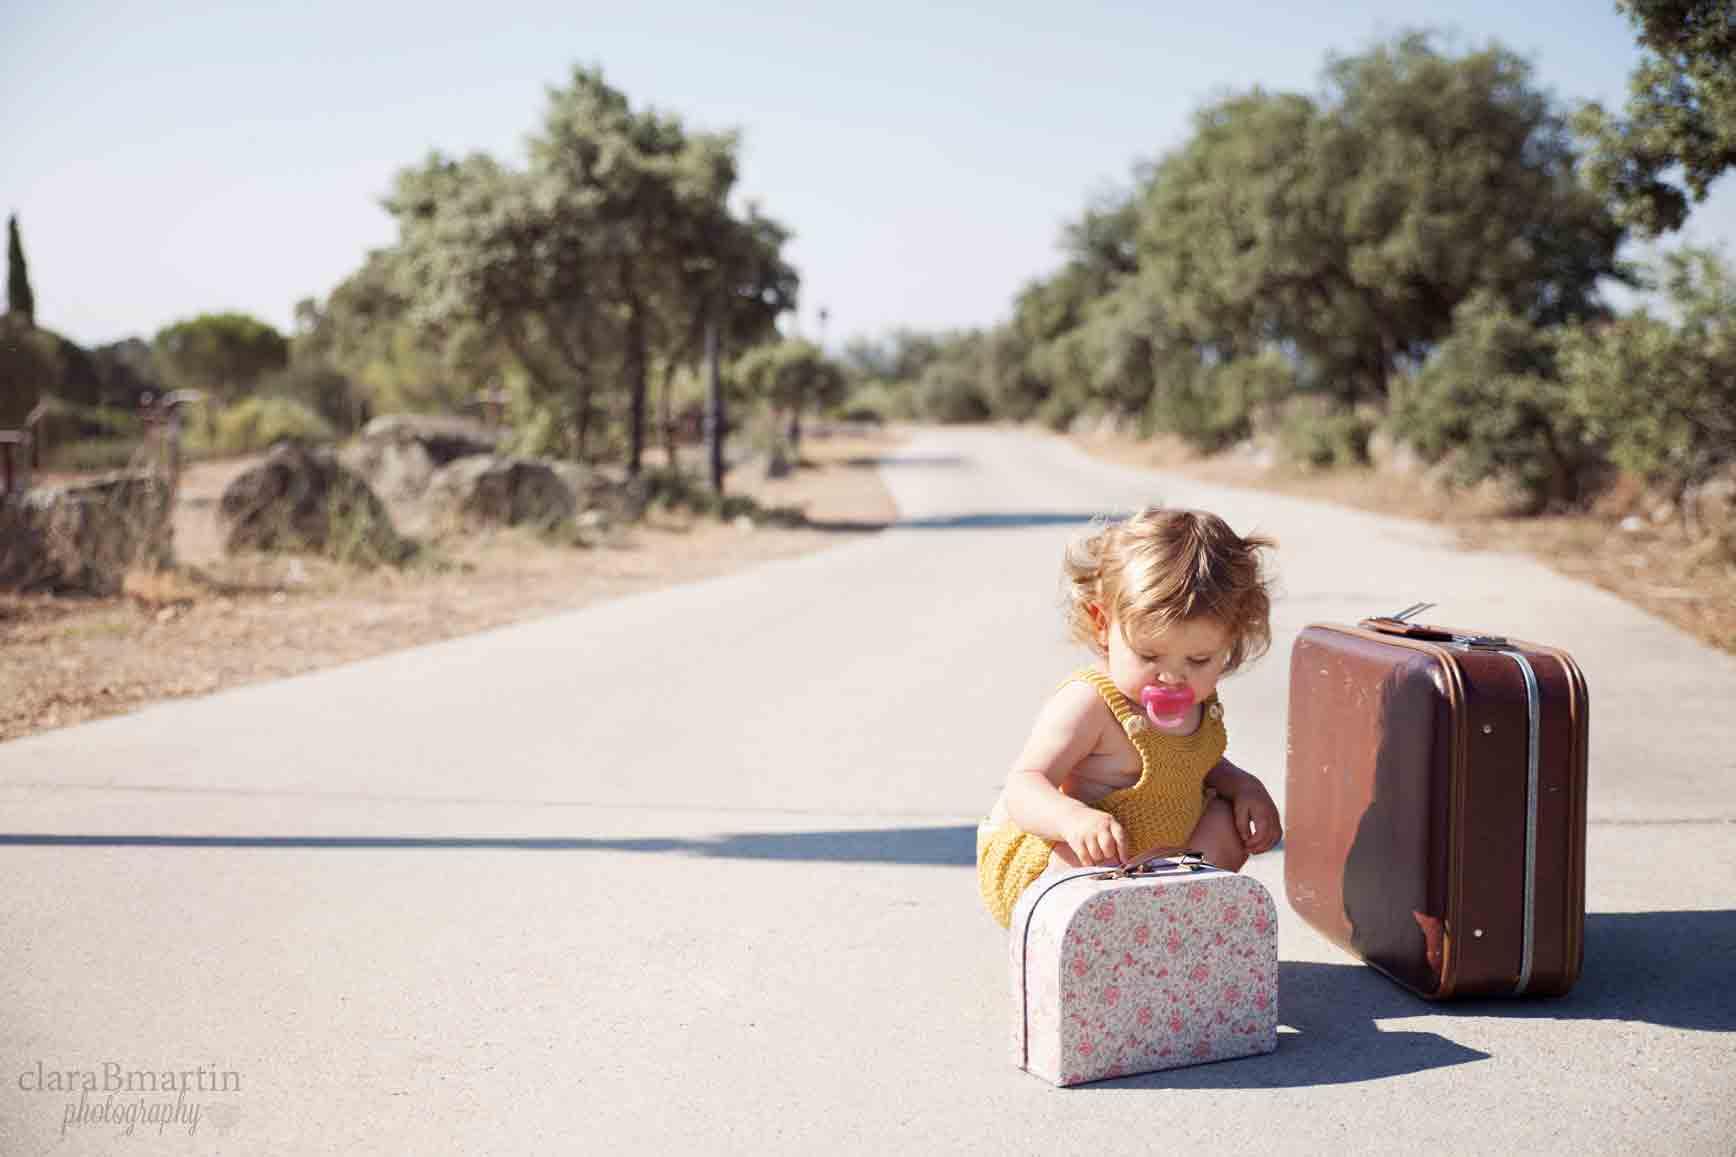 Vacaciones-claraBmartin-07